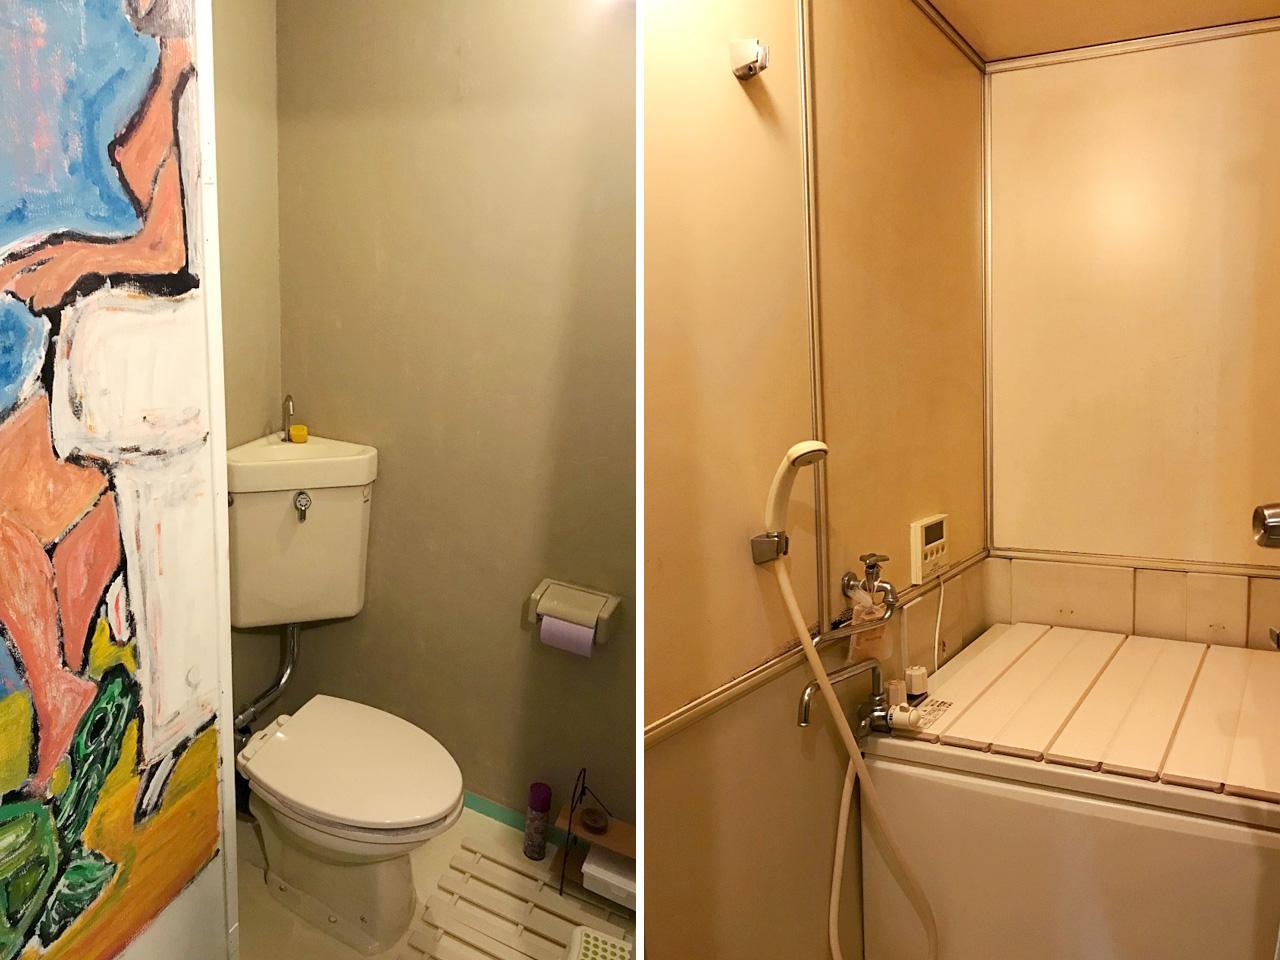 水回りは築年相応のもの(トイレ内に手描きの絵!)